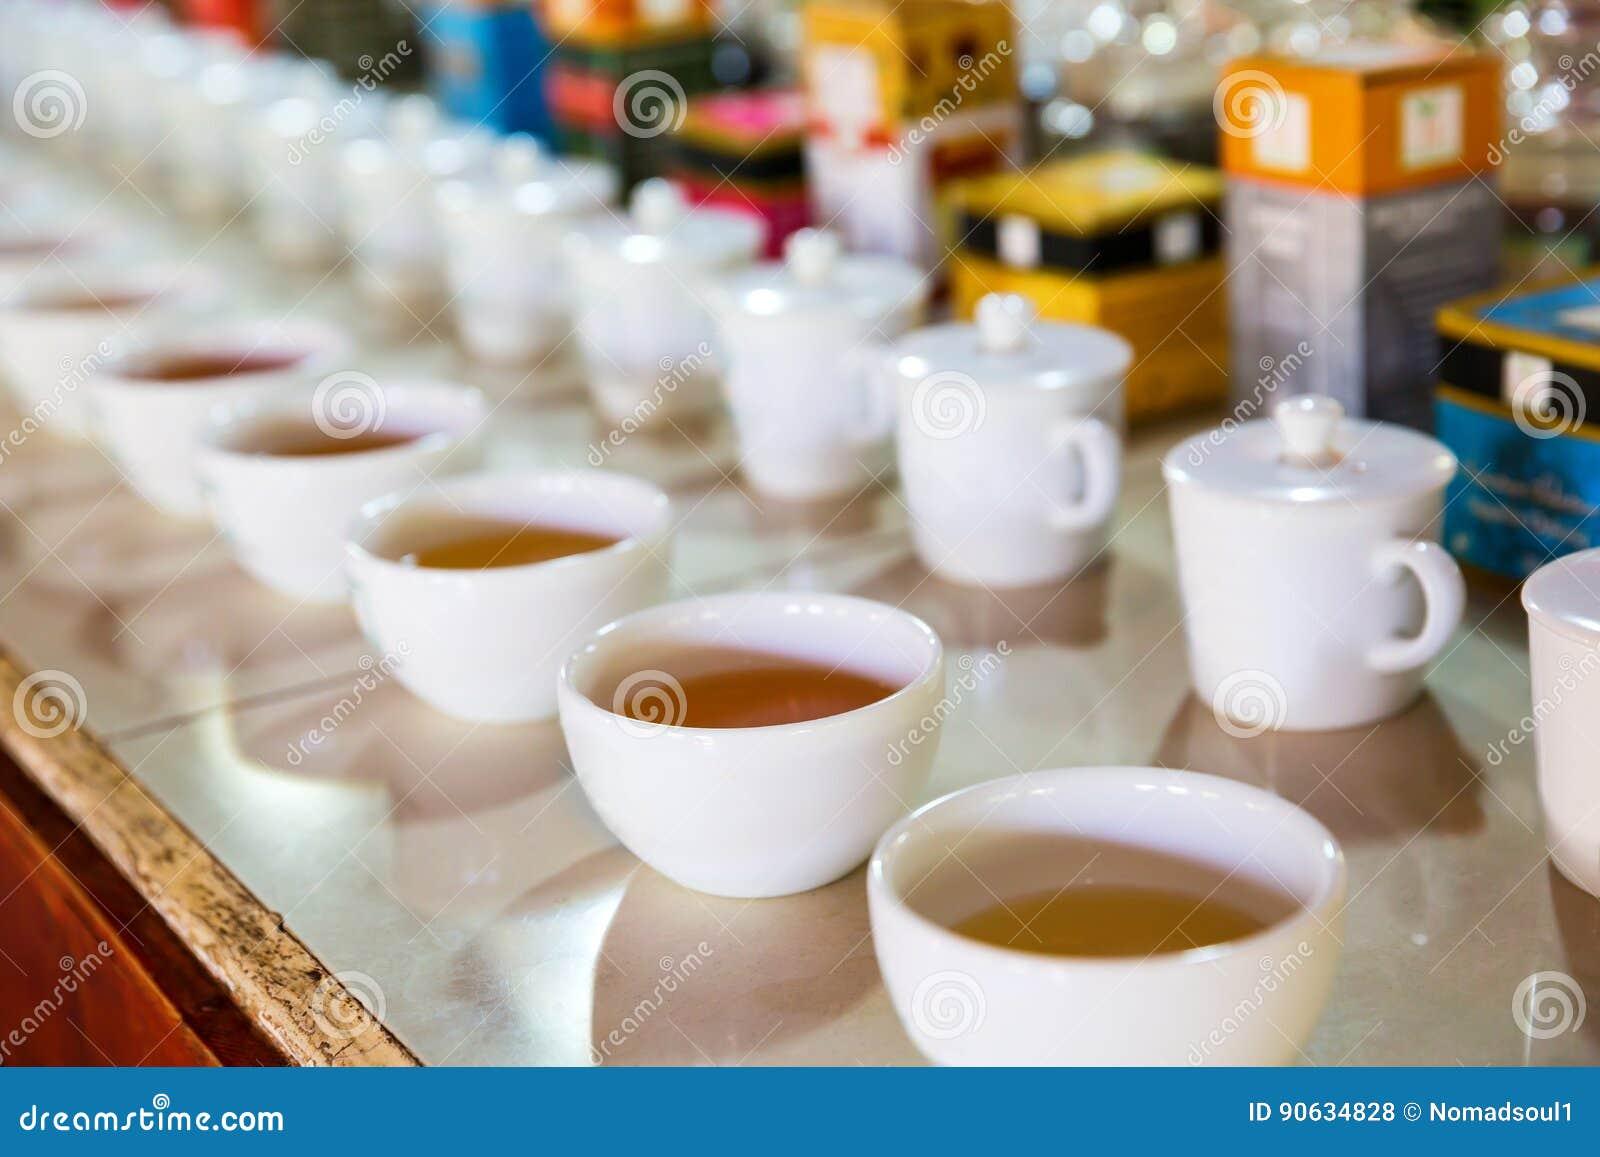 Ceylon herbaciane smaczne filiżanki, turystyczna wycieczka